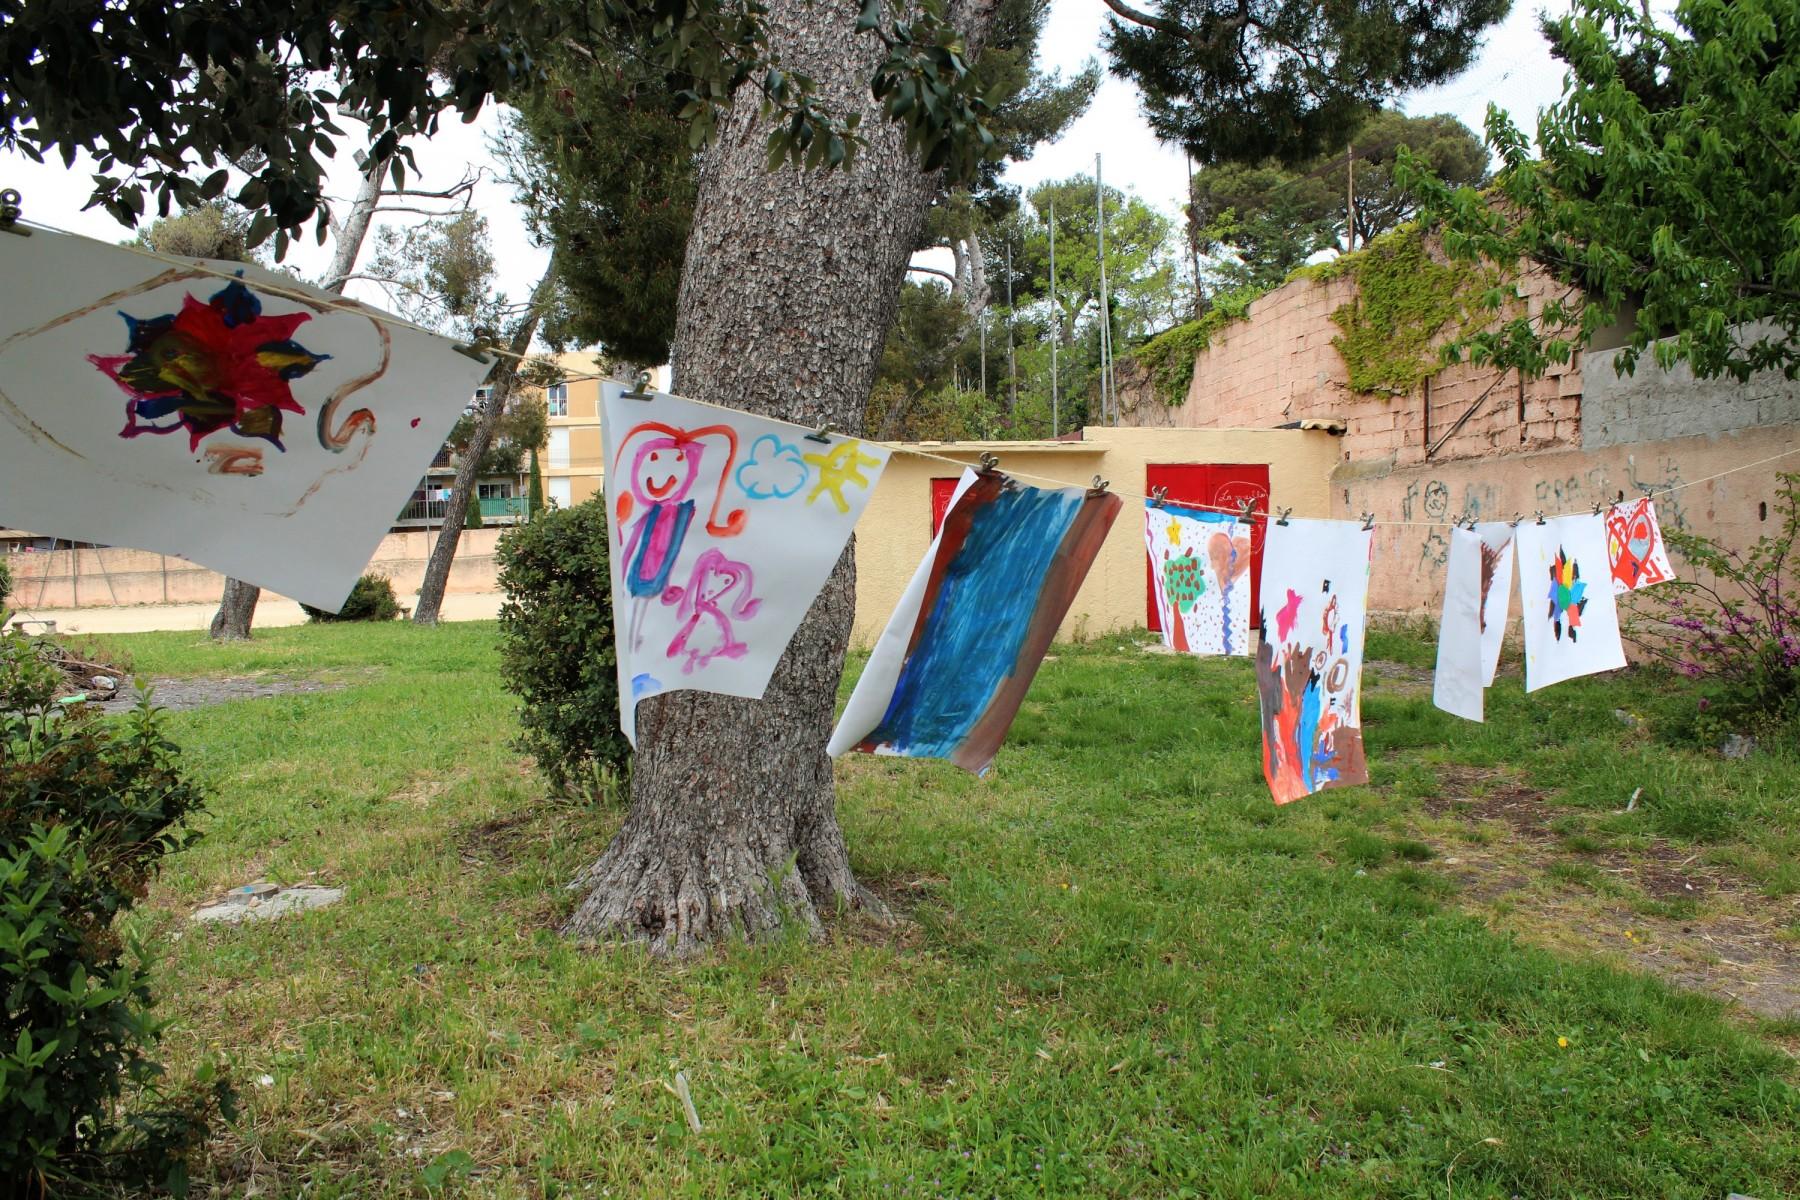 Des cordes à linge sont installées pour sécher les peintures des enfants. ©AL